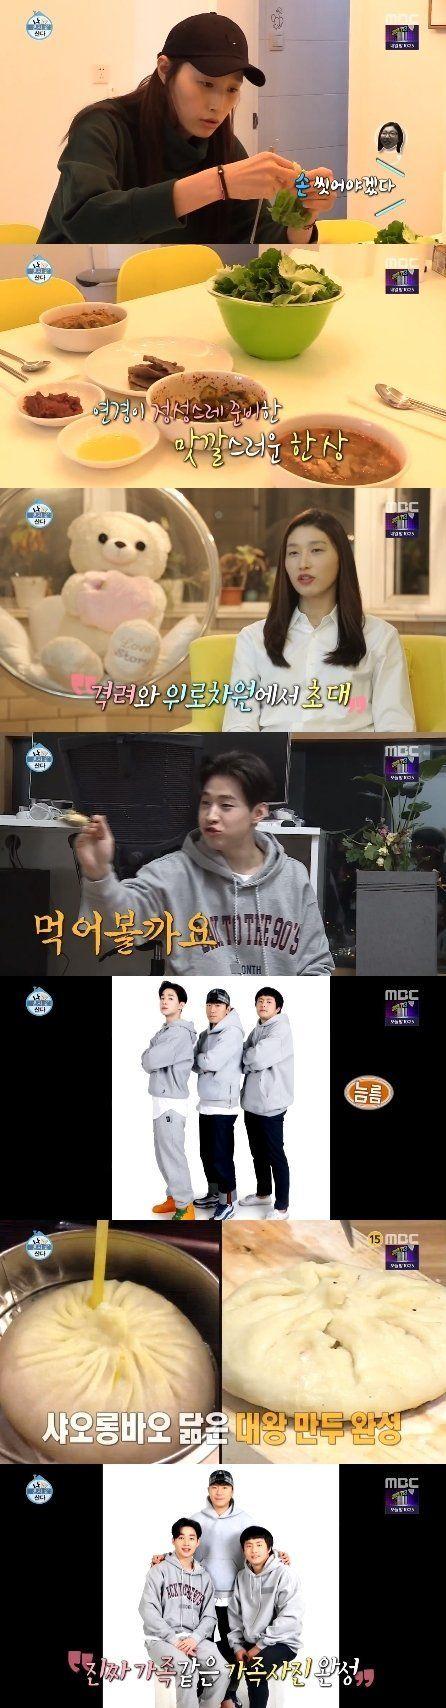 '나혼자산다' 김연경, 식빵여사 '갓연경'의 반전(ft.통역)